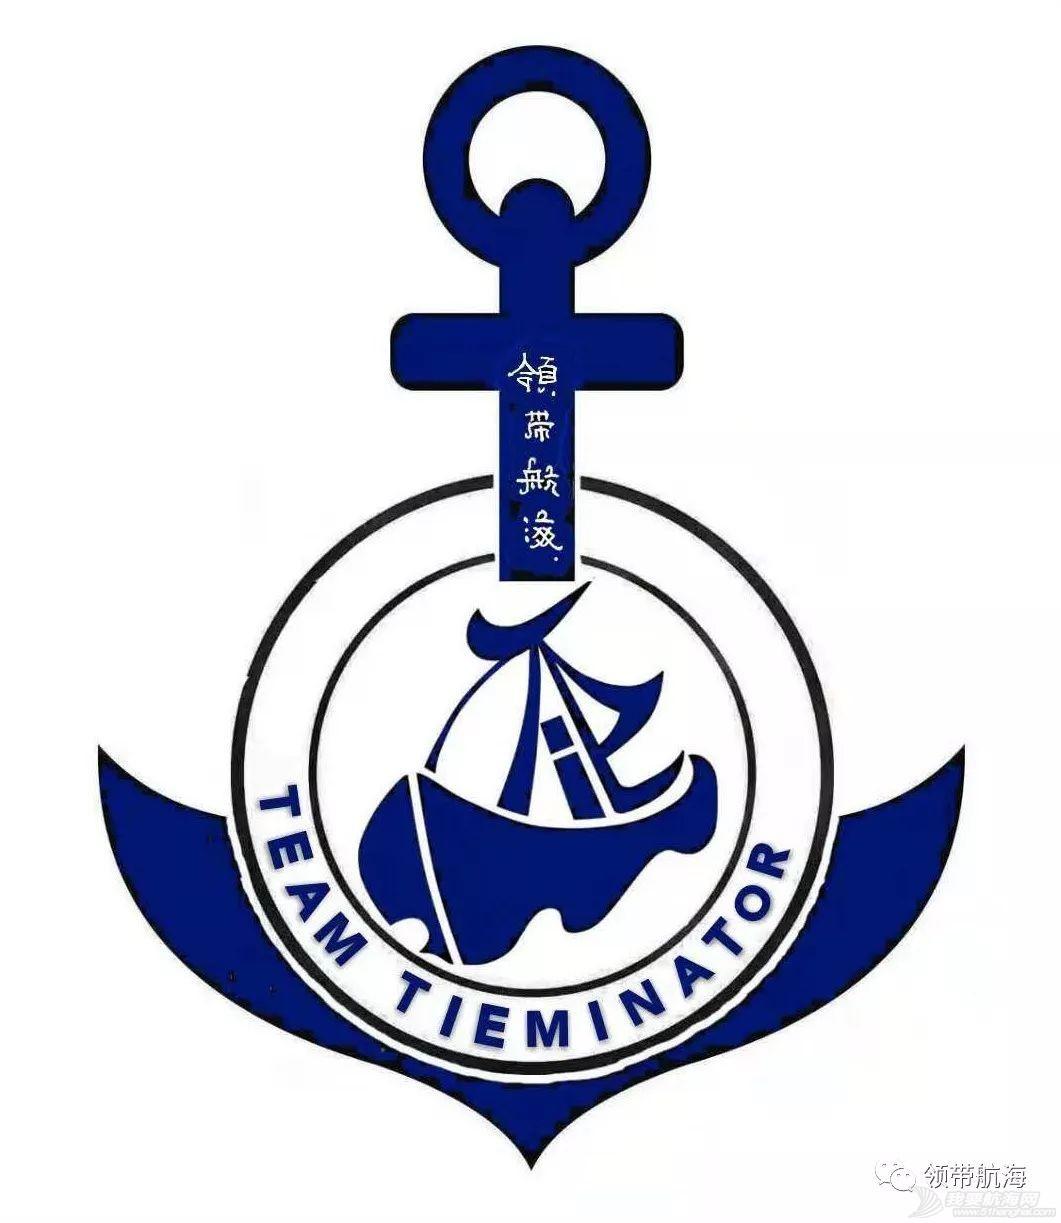 一张什么样的帆船证书 可以让你进入斯坦福大学w9.jpg